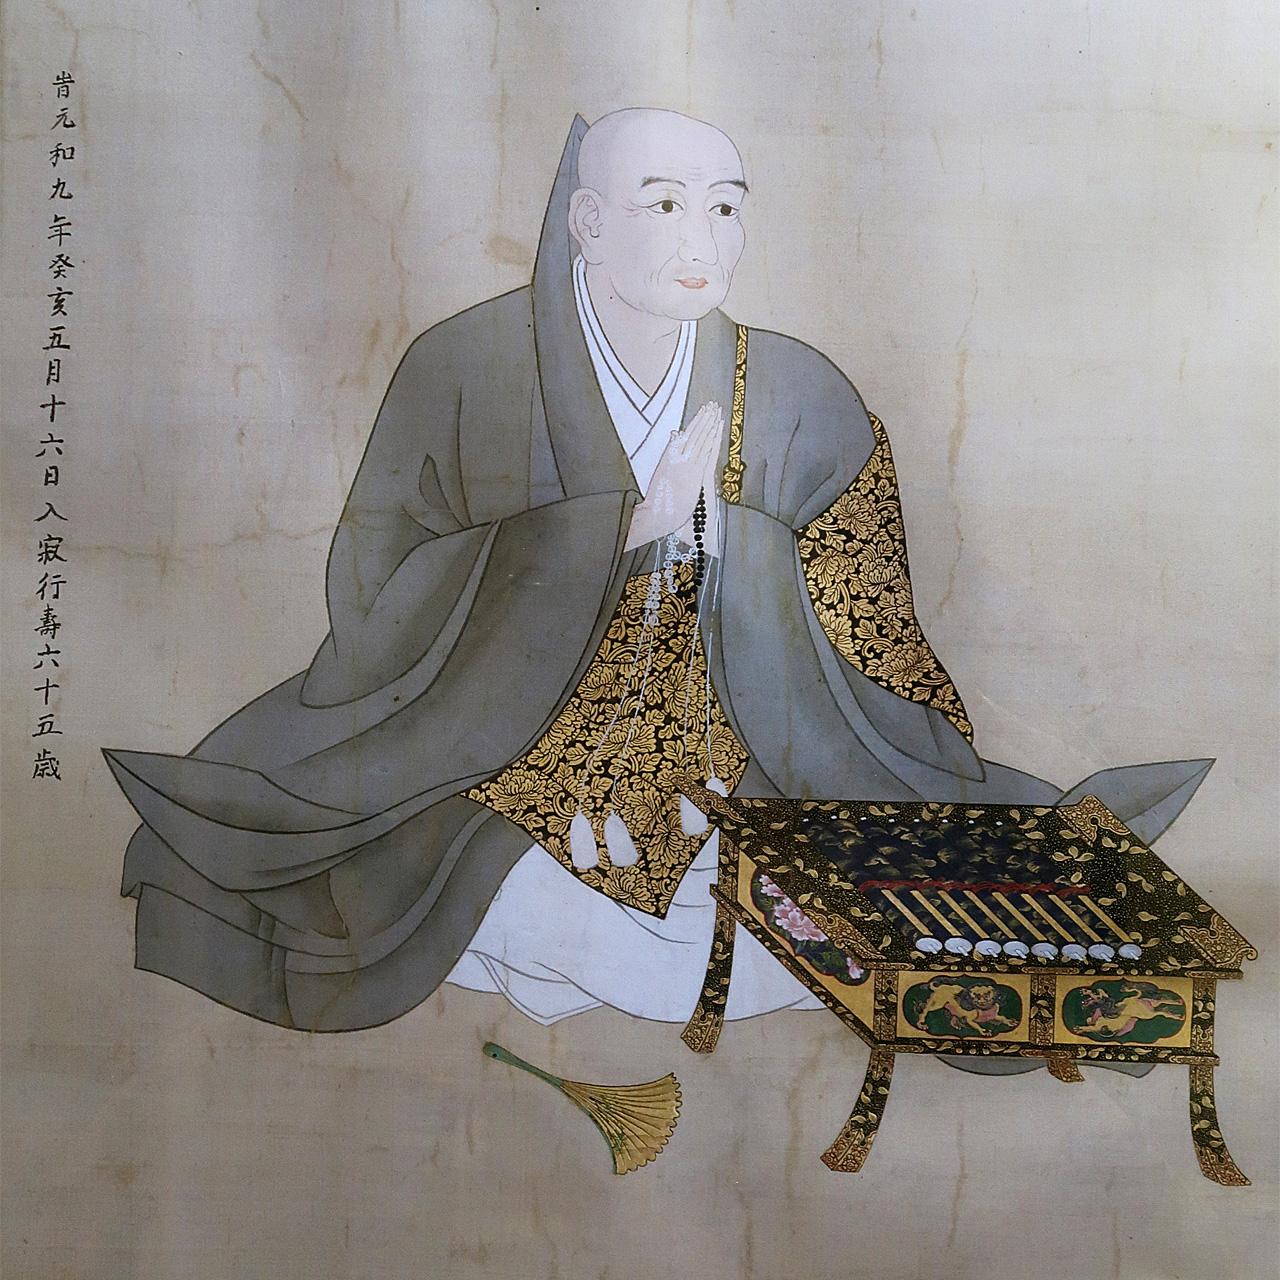 本因坊元祖算砂日海上人肖像画(寂光寺蔵)